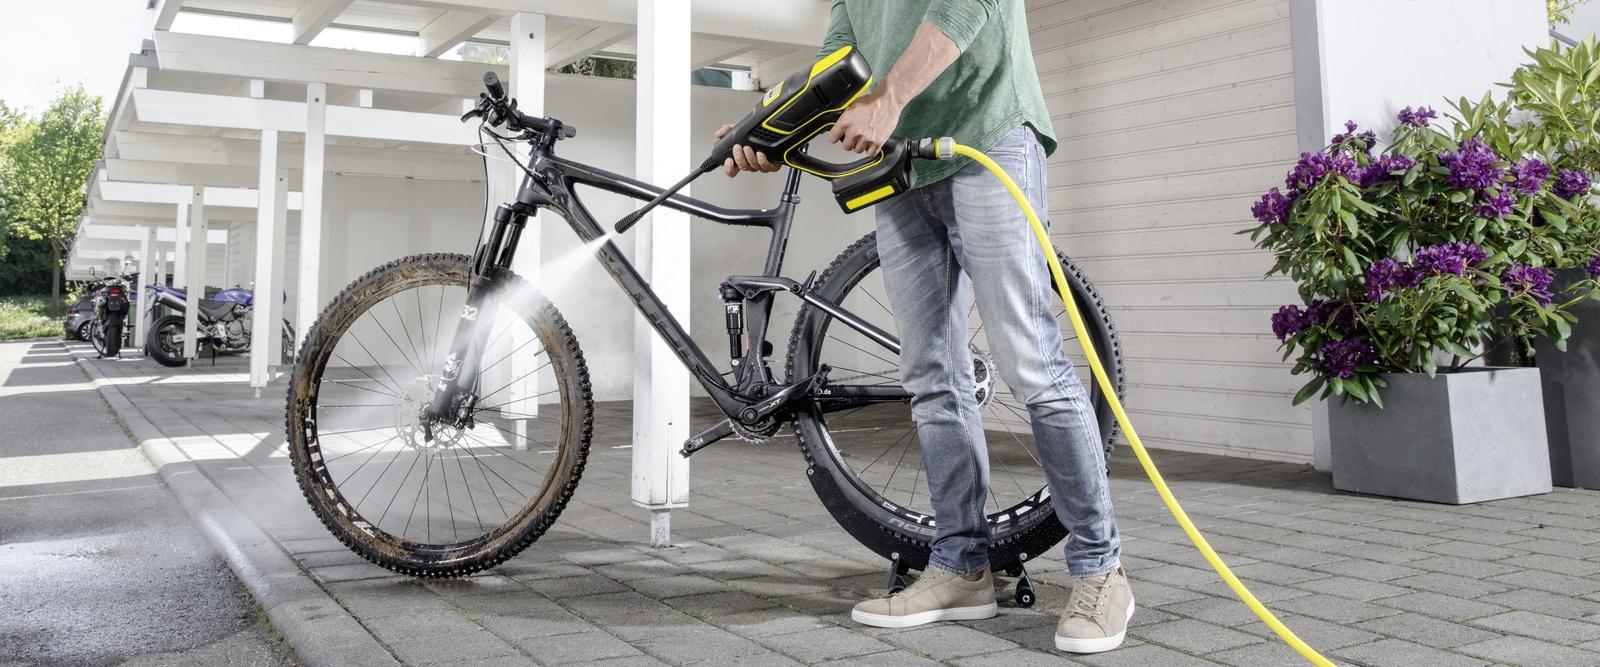 fahrradreinigung-mit-dem-khb-5